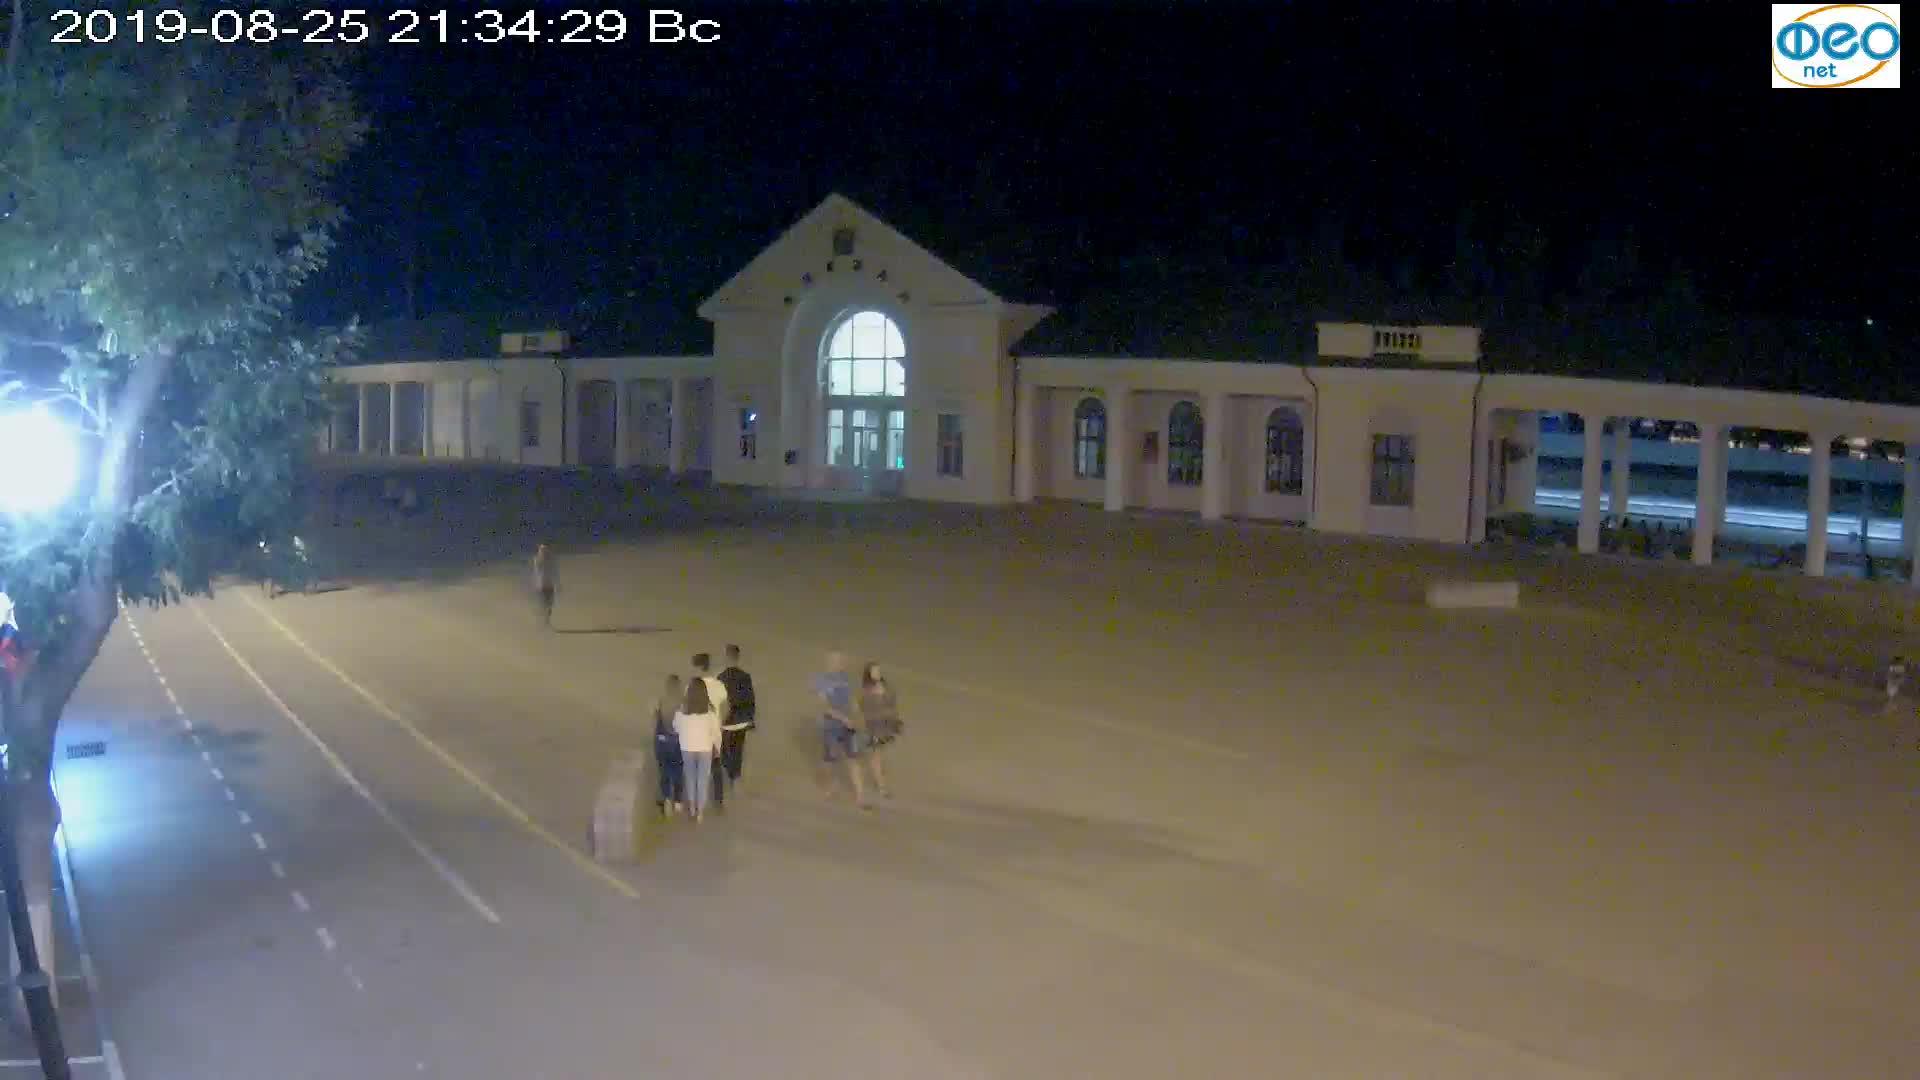 Веб-камеры Феодосии, Привокзальная площадь, 2019-08-25 21:50:06